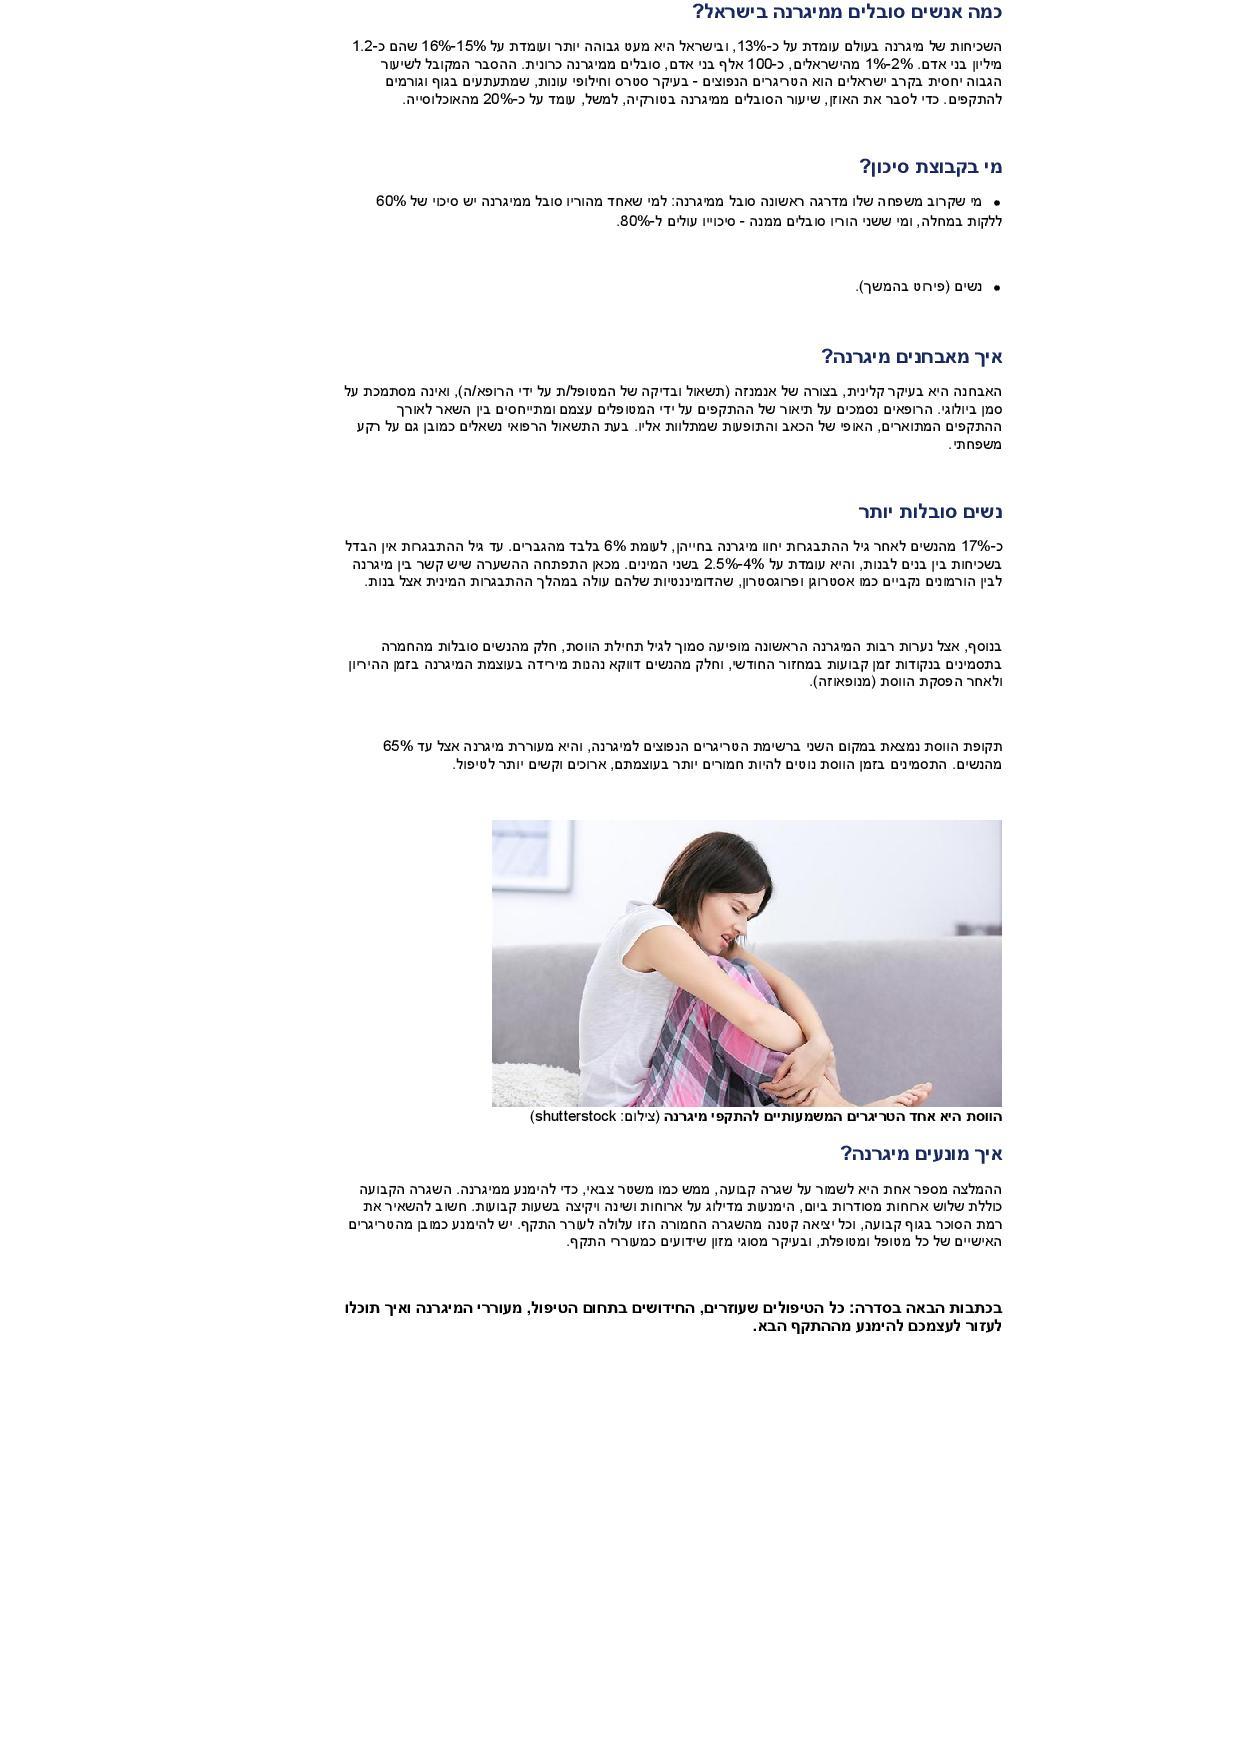 מיגרנה YNET 2018-page-003